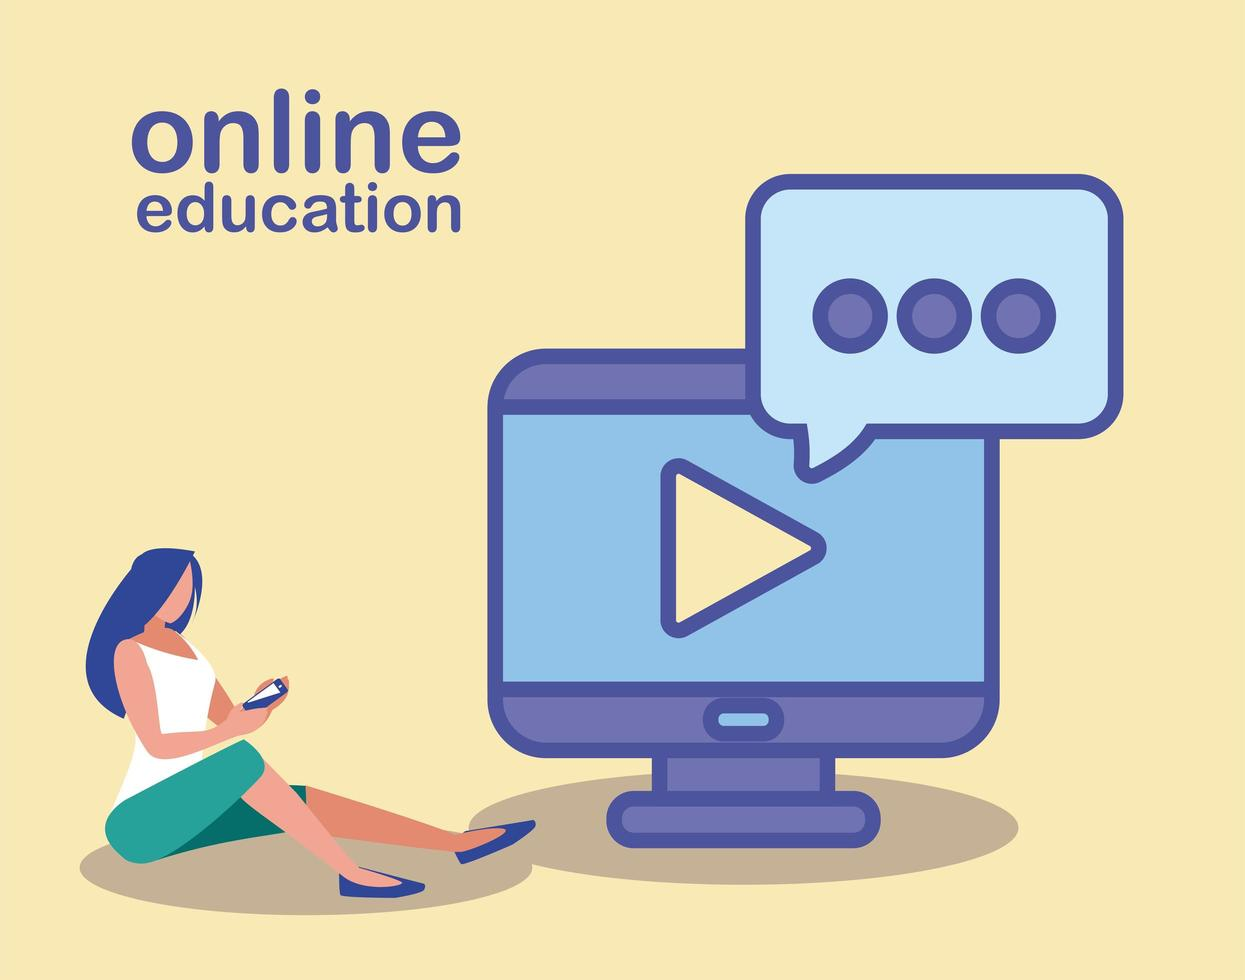 vrouw met desktopcomputer, online onderwijs vector